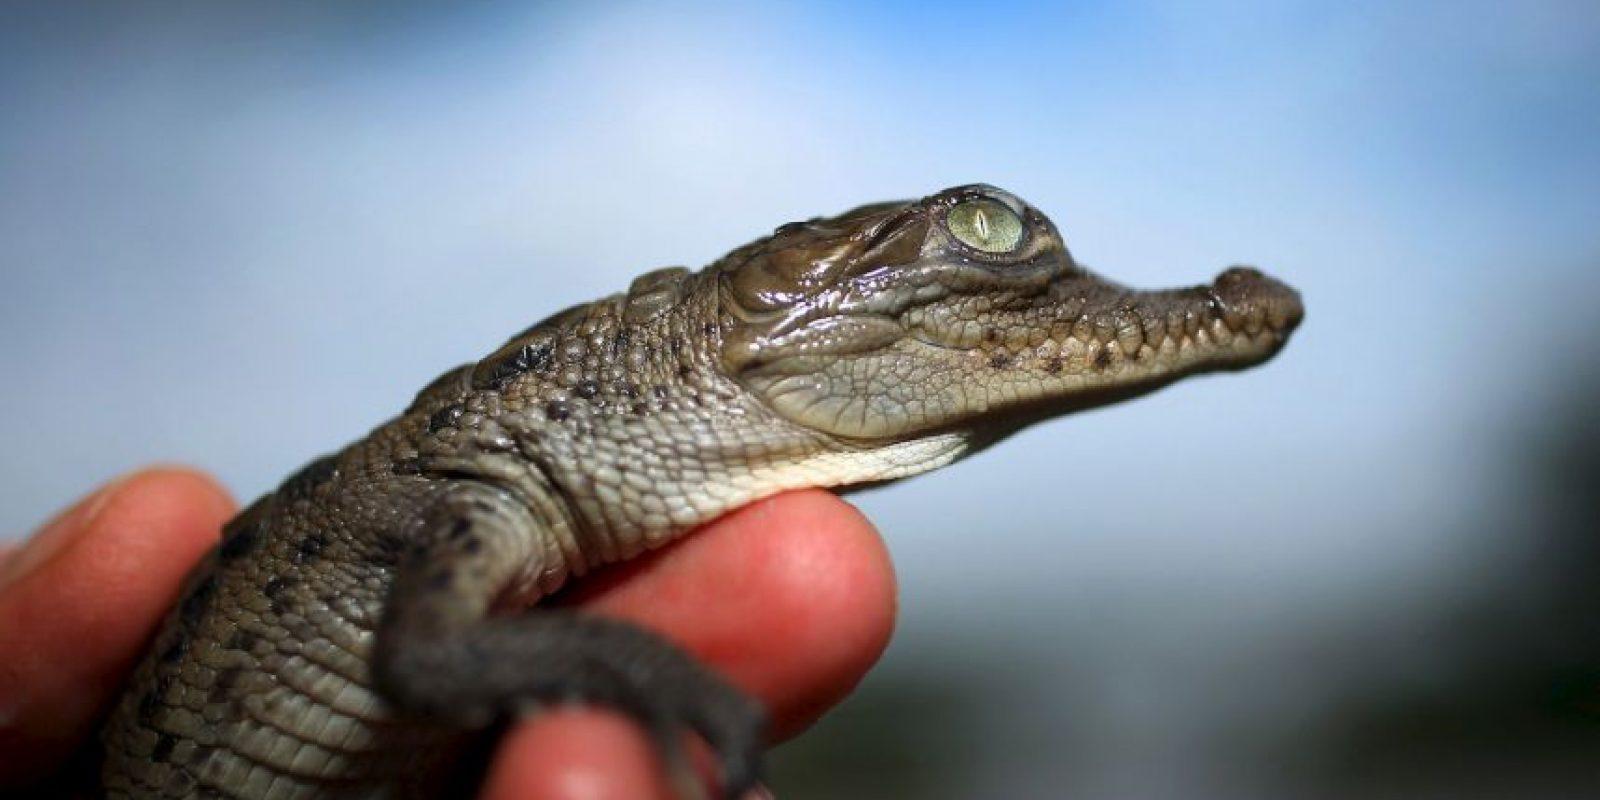 Su tamaño pueden variar de entre 3 y 4,5 metros (10 a 15 pulgads) de largo. Foto:Getty Images. Imagen Por: